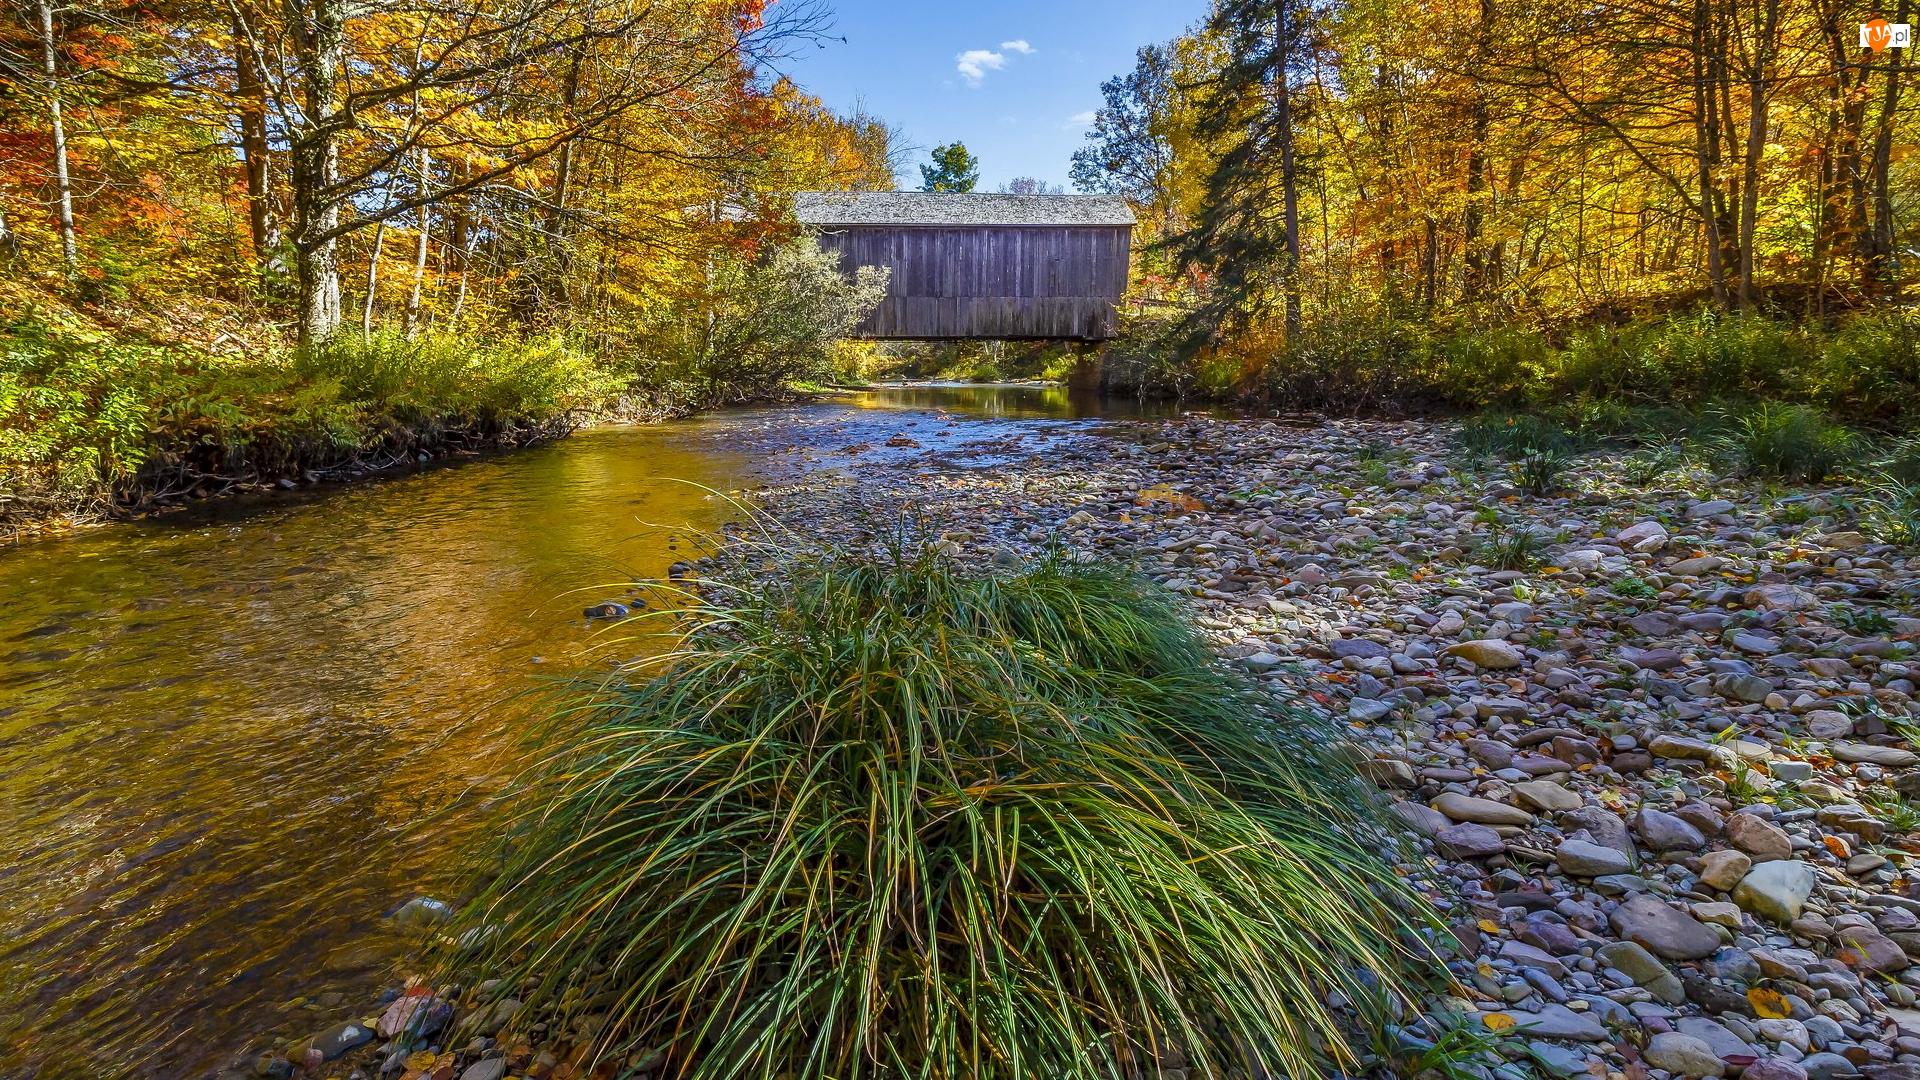 Drewniany, Rzeka, Kępka, Zakryty, Jesień, Trawy, Most, Drzewa